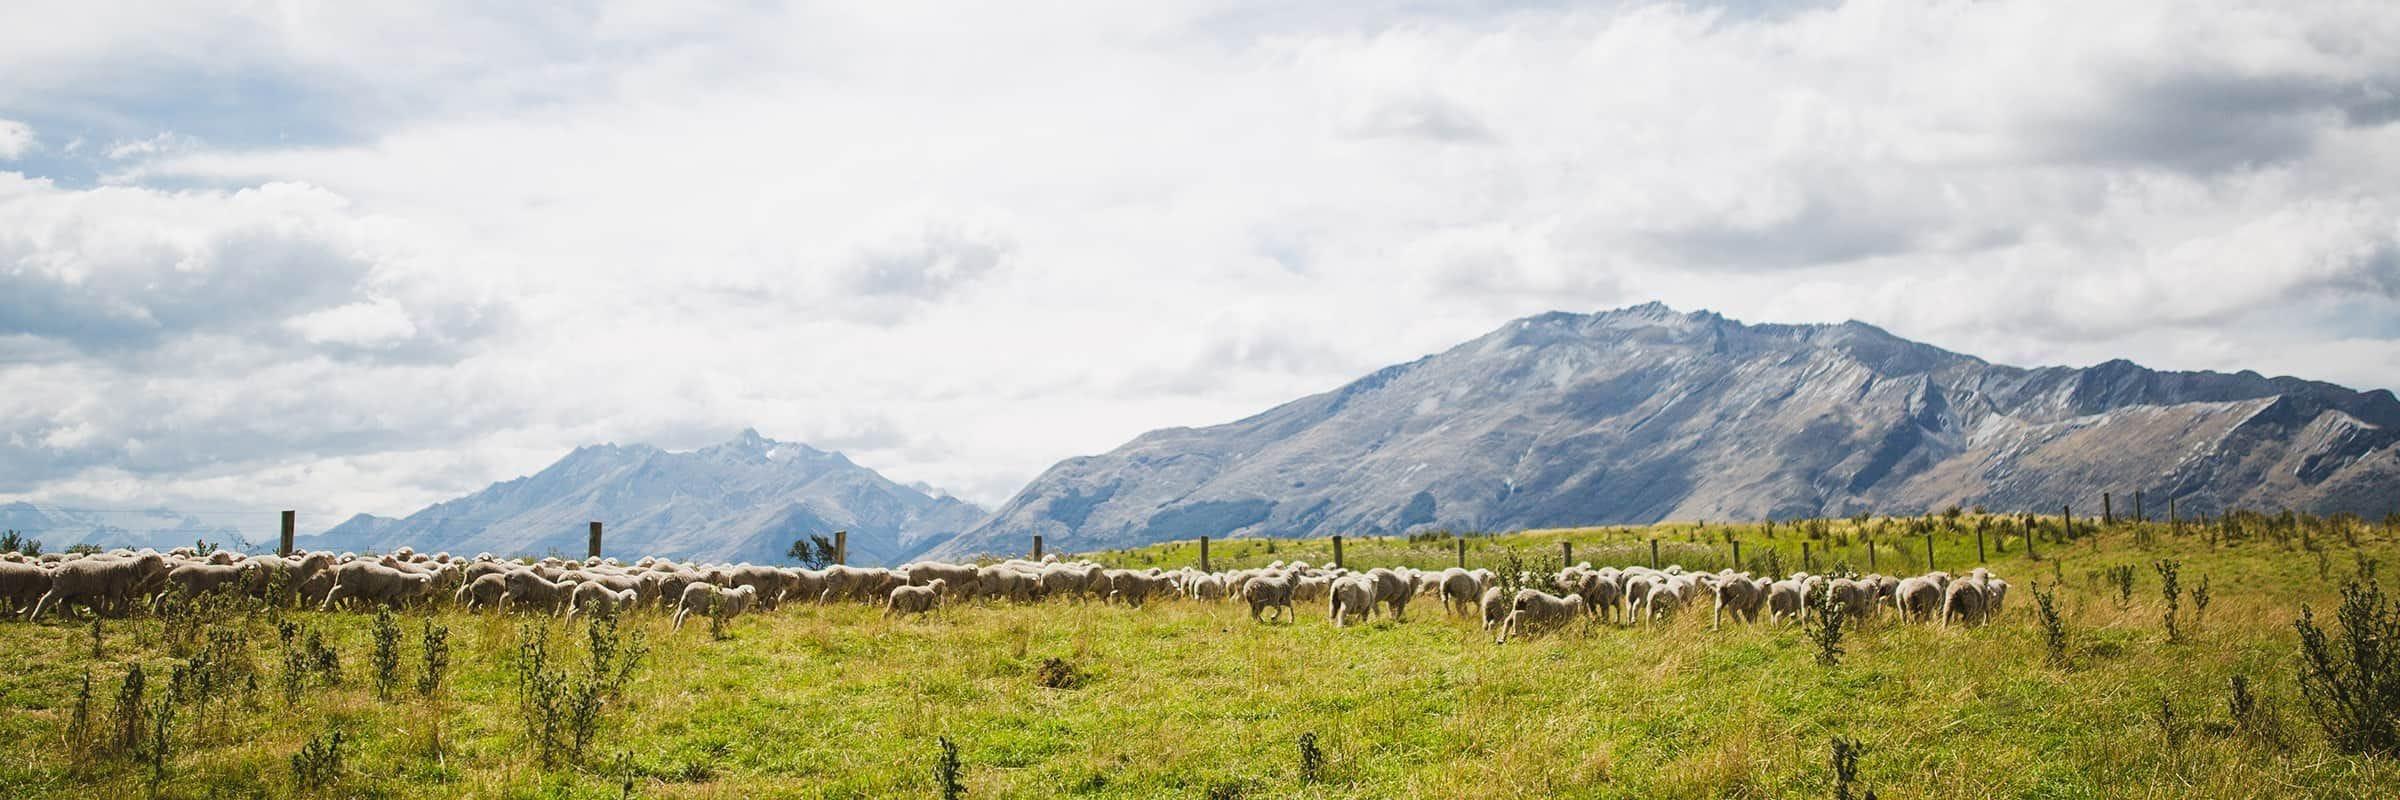 Compter les moutons en Nouvelle-Zélande : à la source de vos vêtements Icebreaker